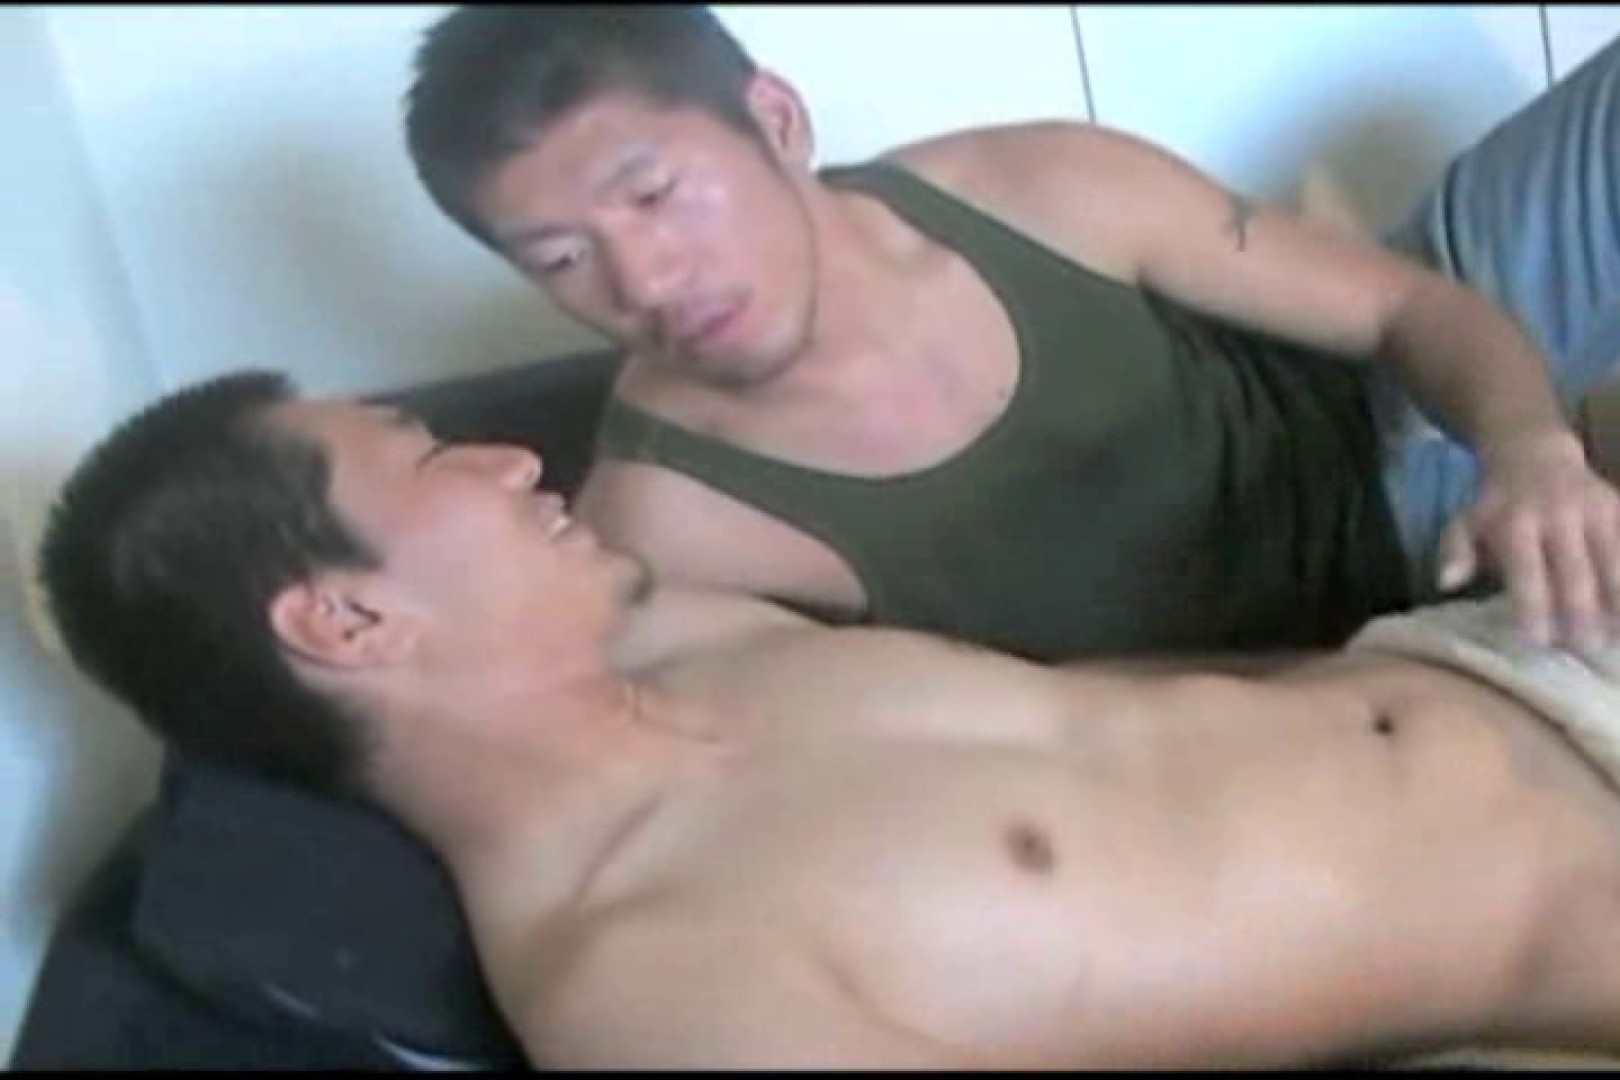 ノンケガチムチ男子の男イキ初体験!! 男の世界 ゲイSEX画像 53画像 20